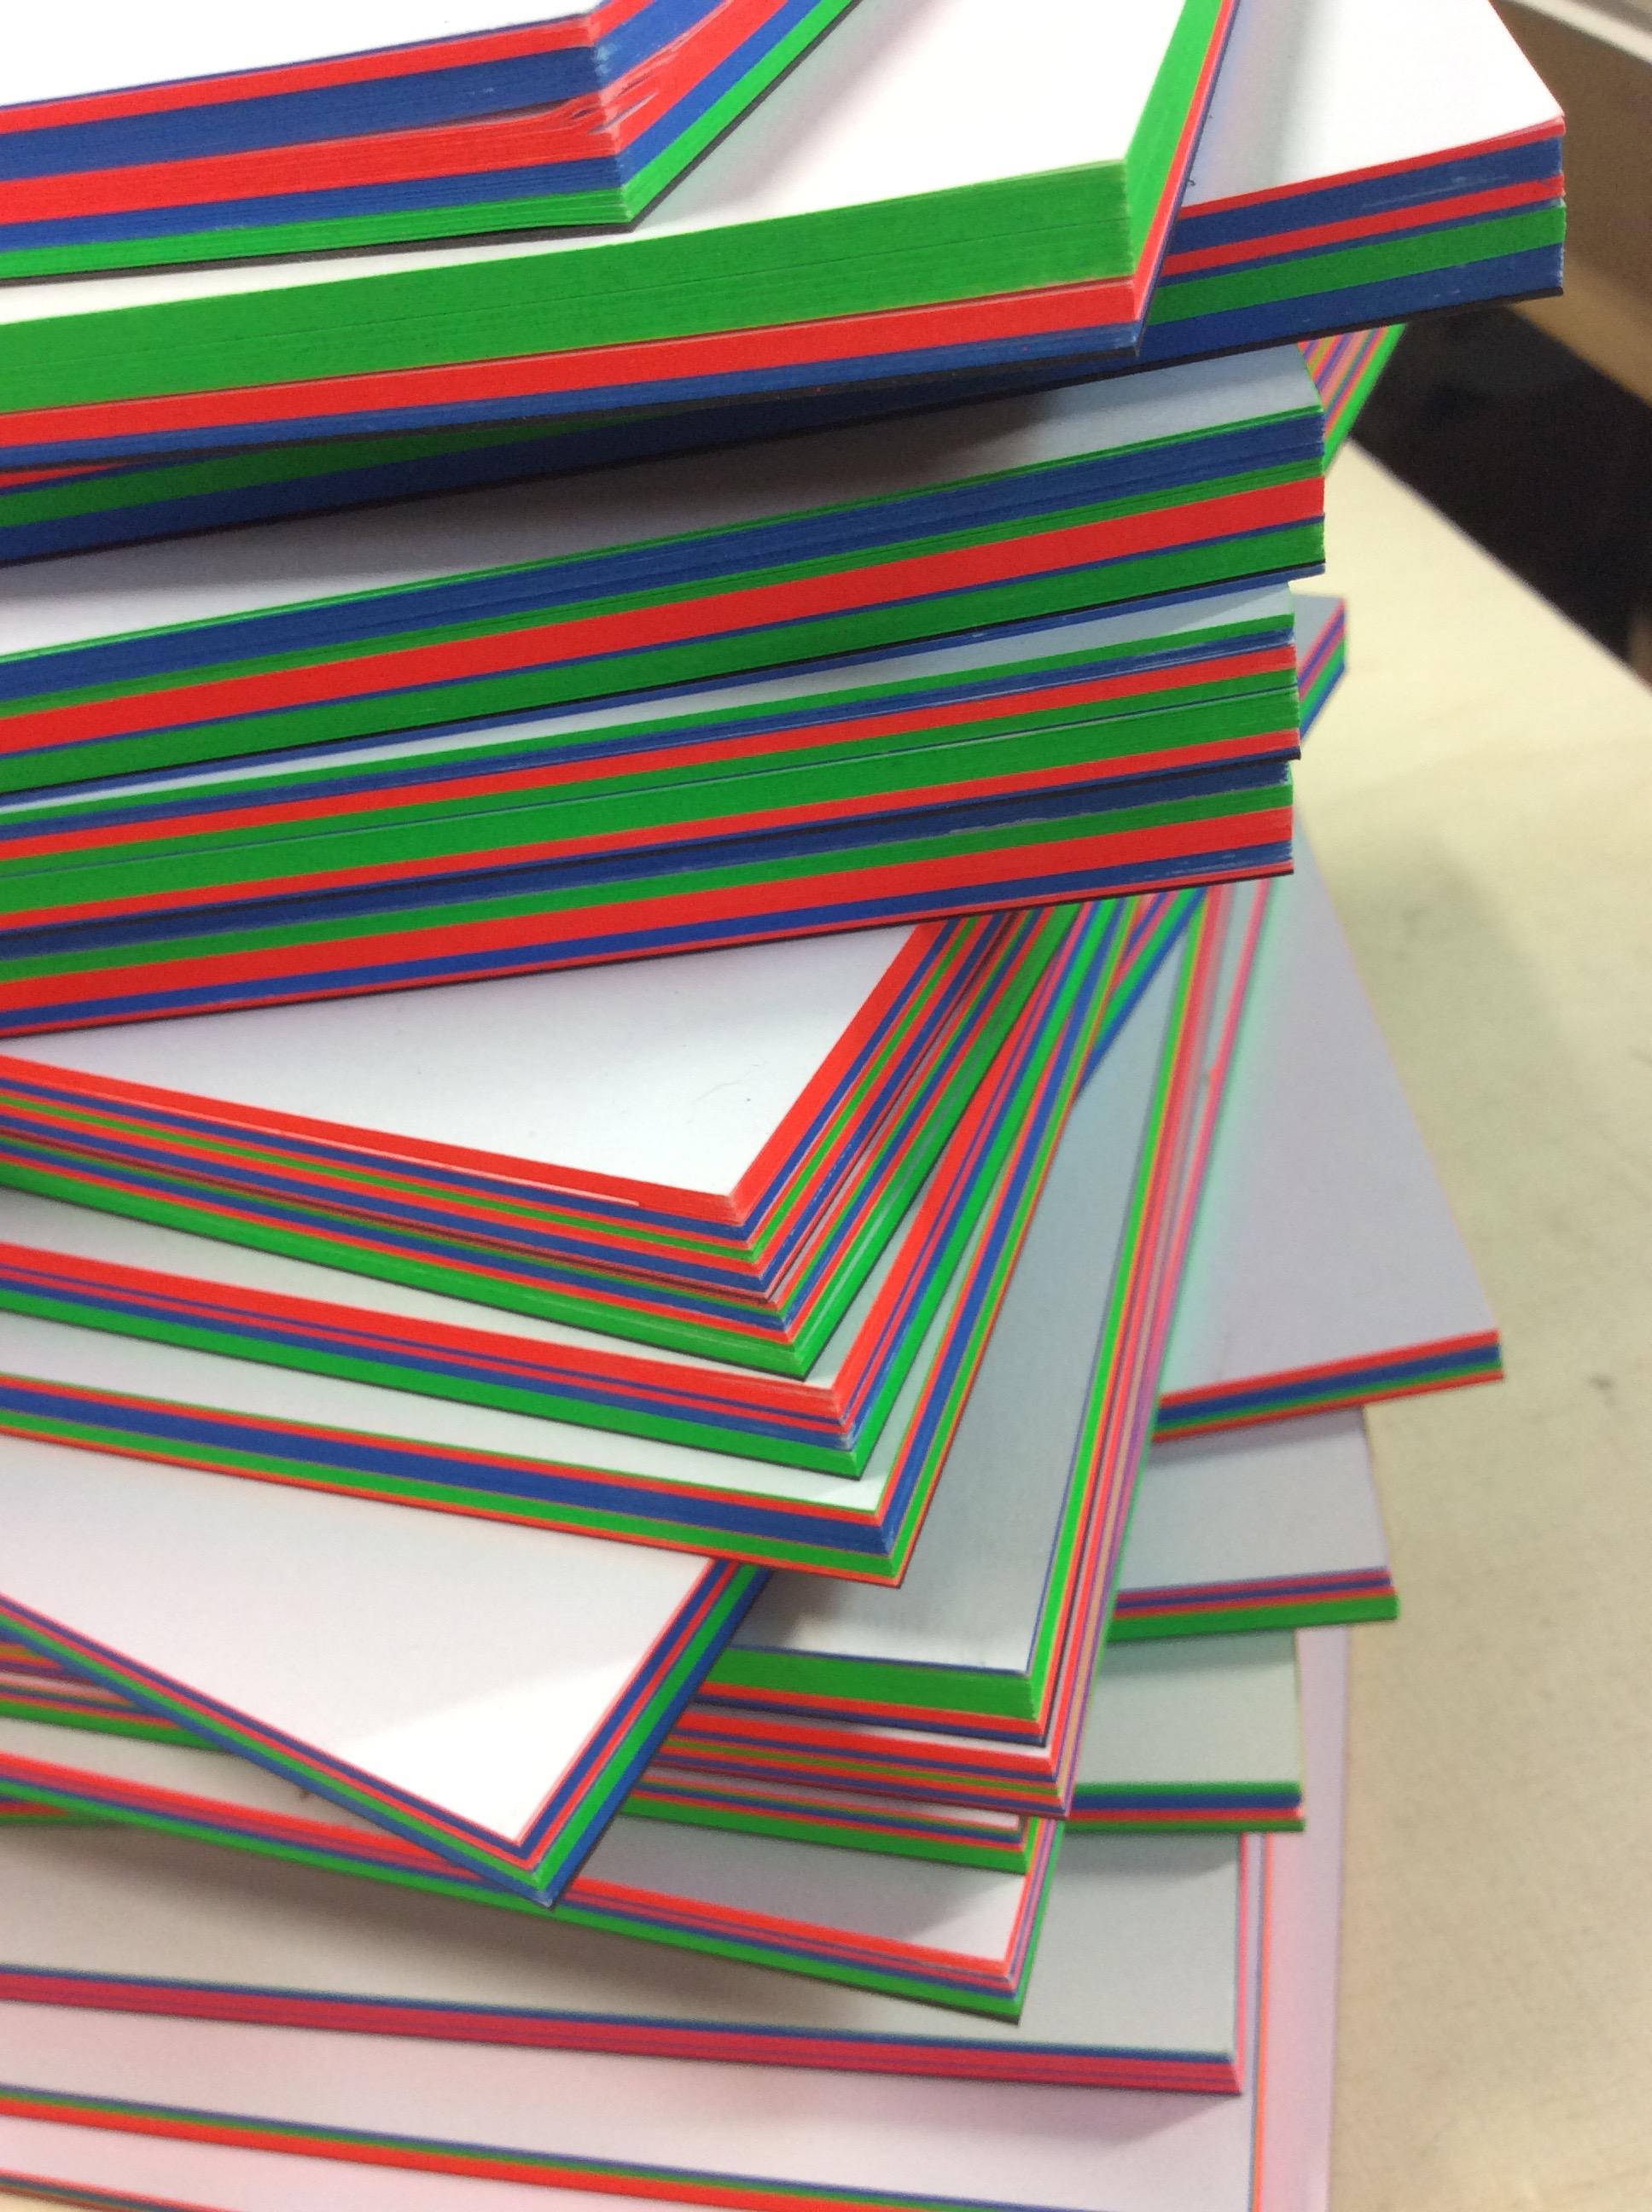 Schreibblocks werkstatt Hoeflich muenchen